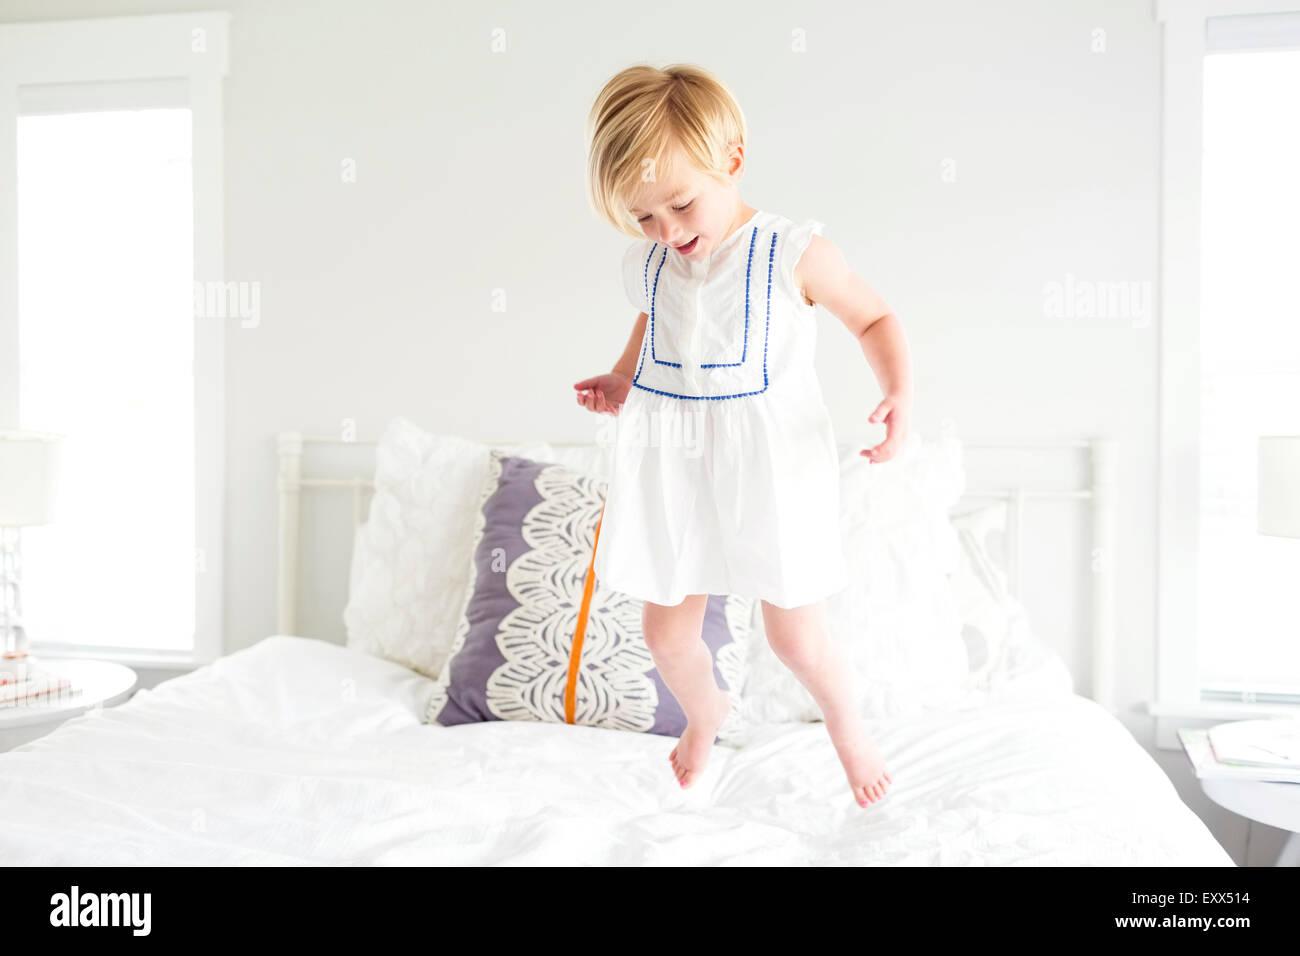 Chica (2-3) saltar en la cama Imagen De Stock